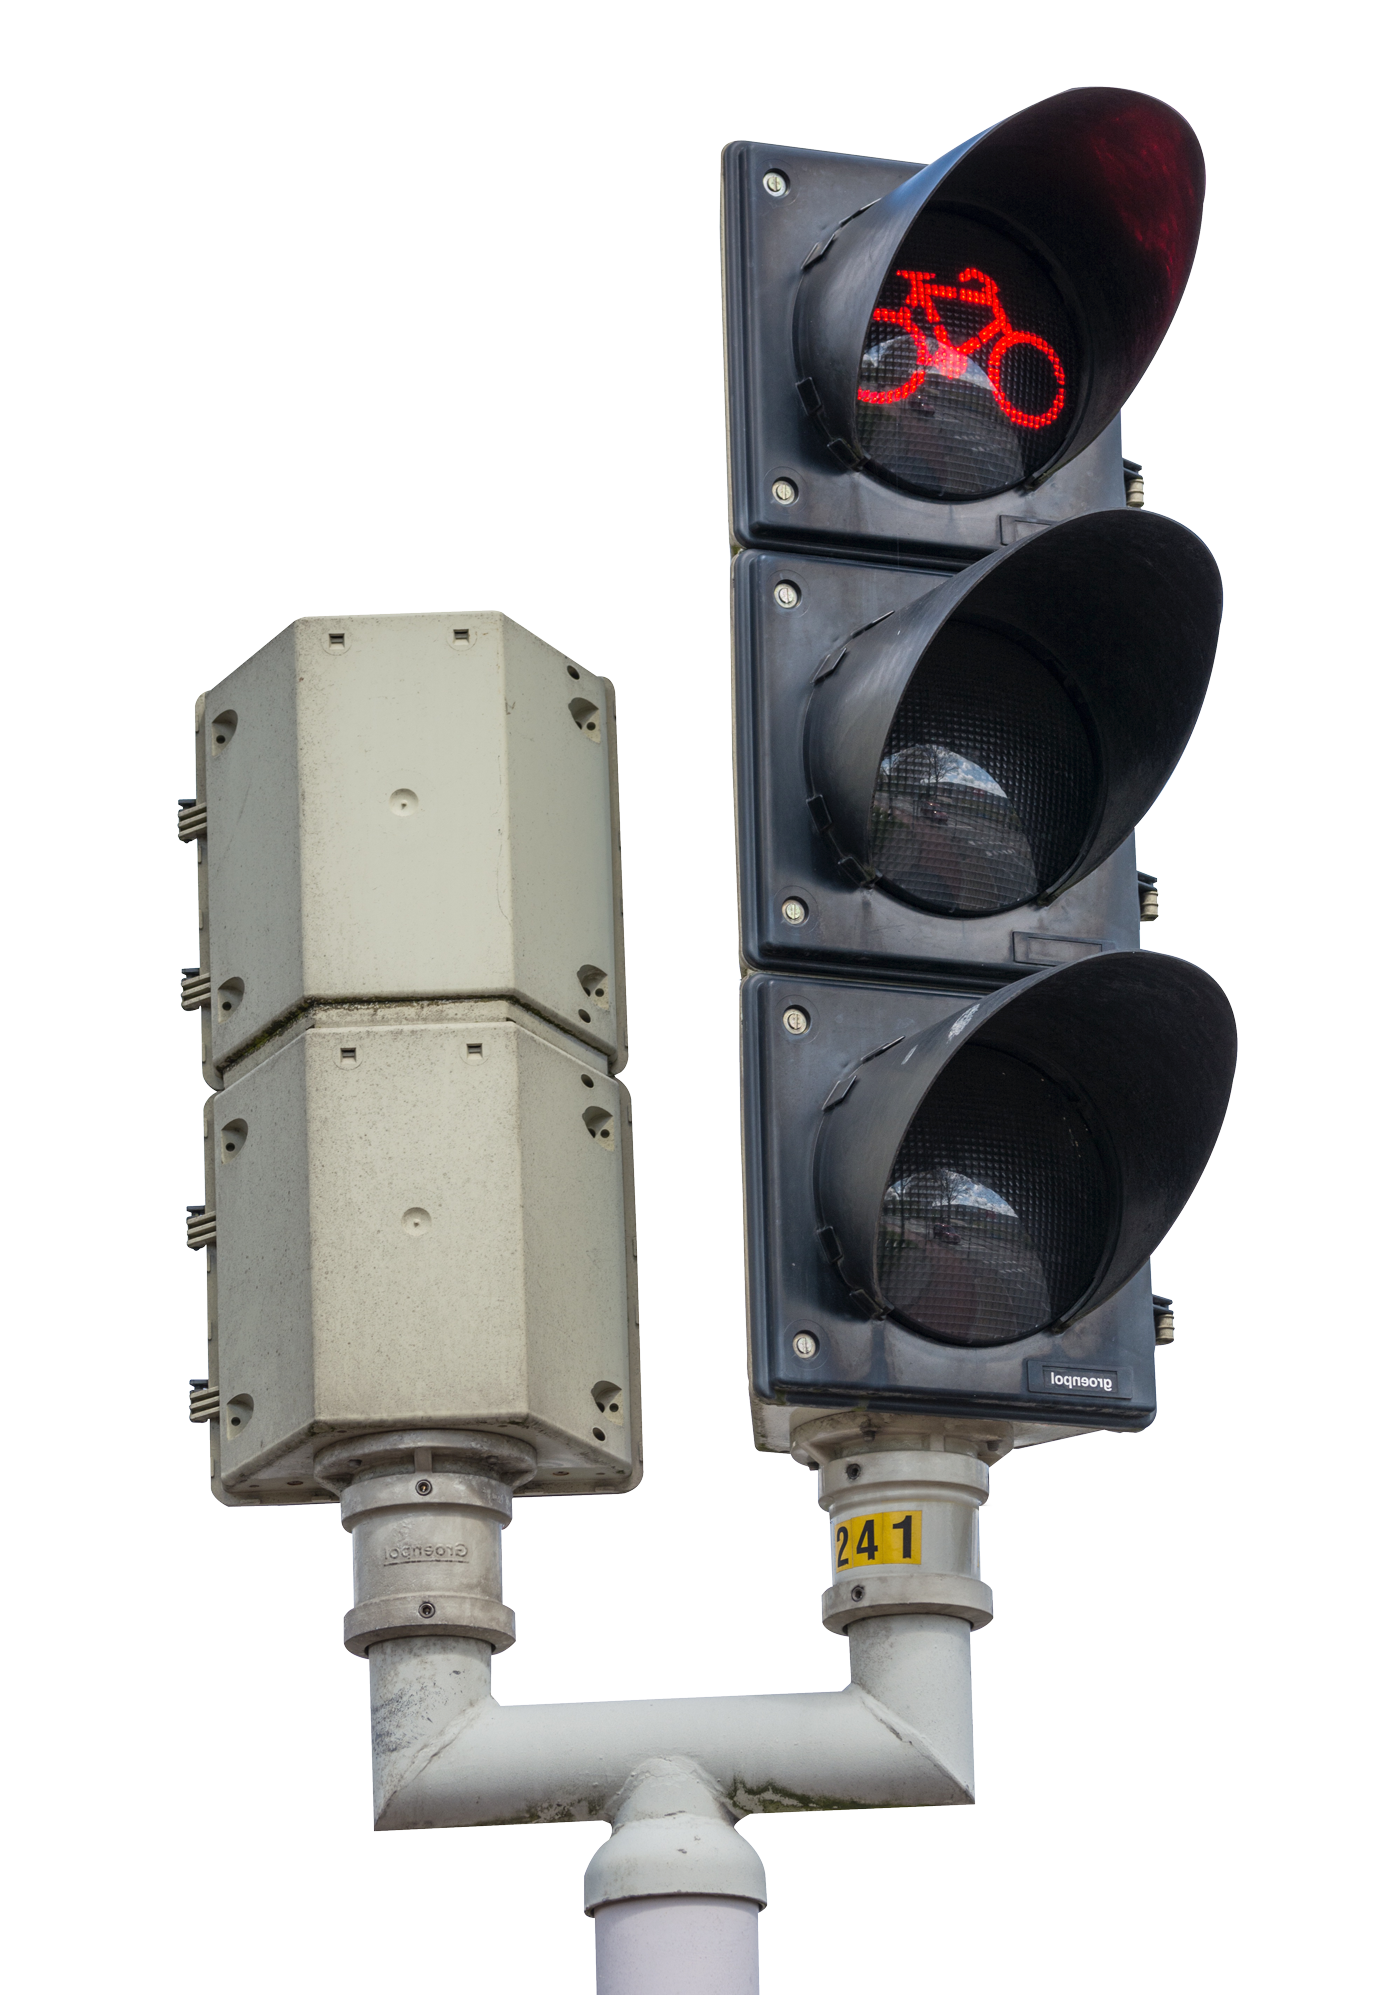 Traffic Lamp Png Image Traffic Lamp Lamp Traffic Light